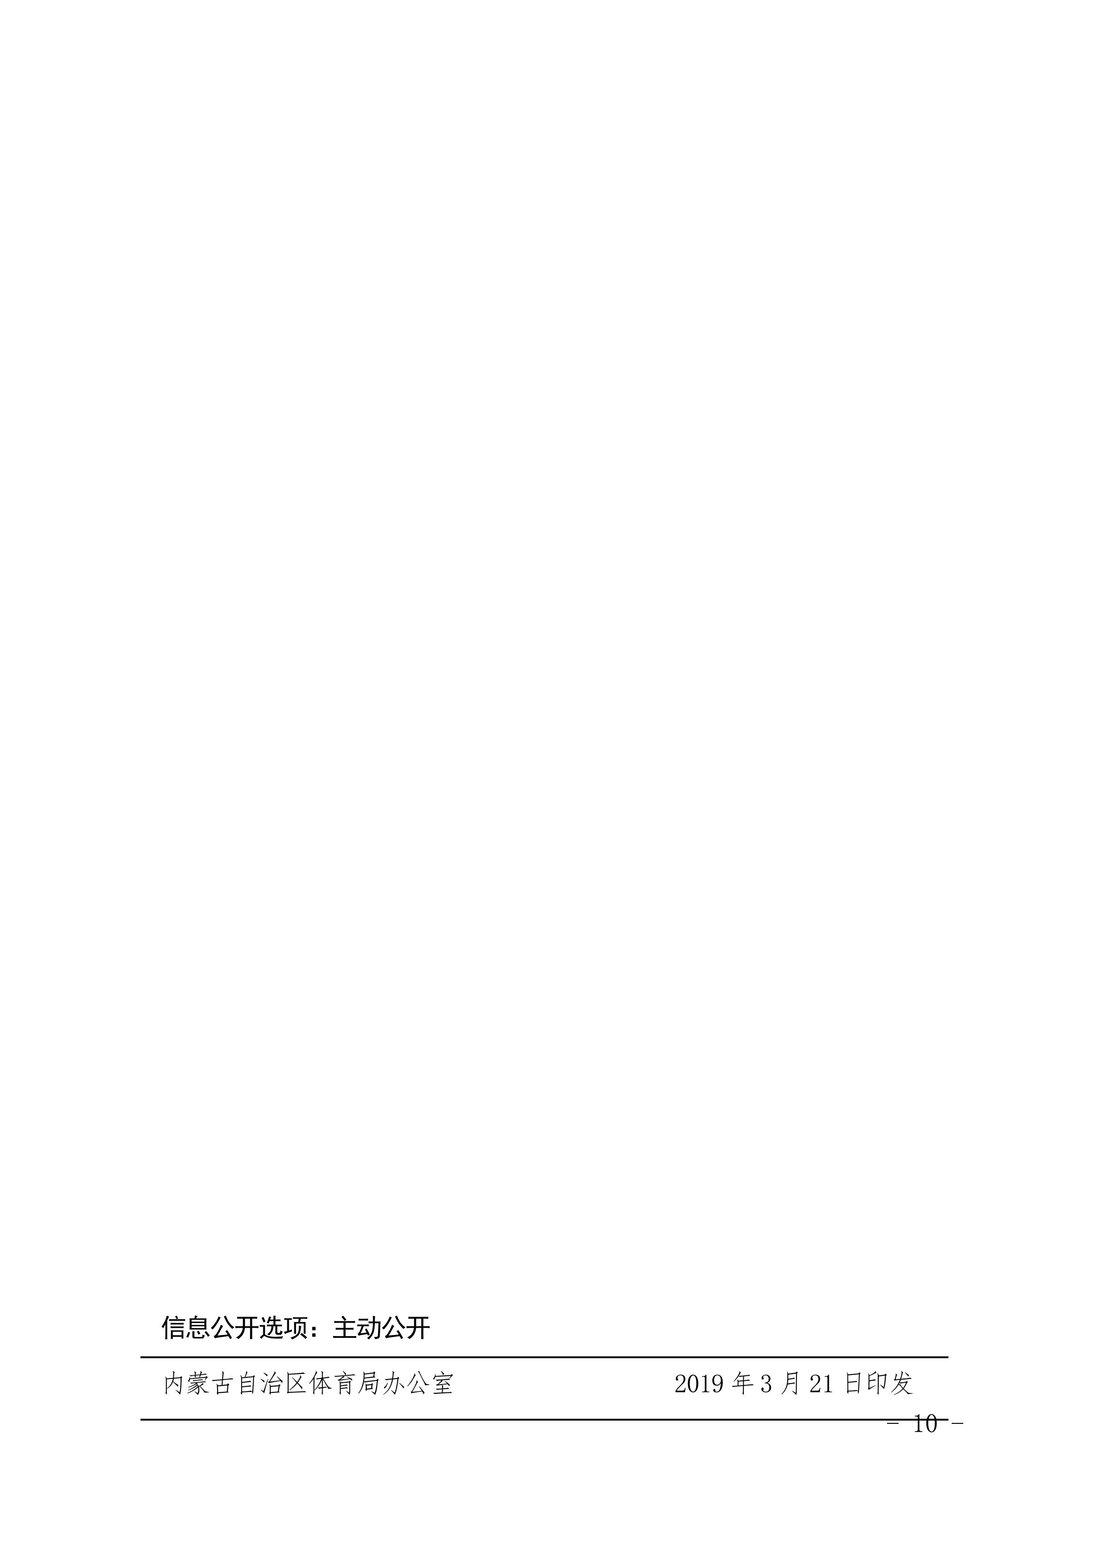 第六届羽毛球公开赛竞赛规程_09.jpg